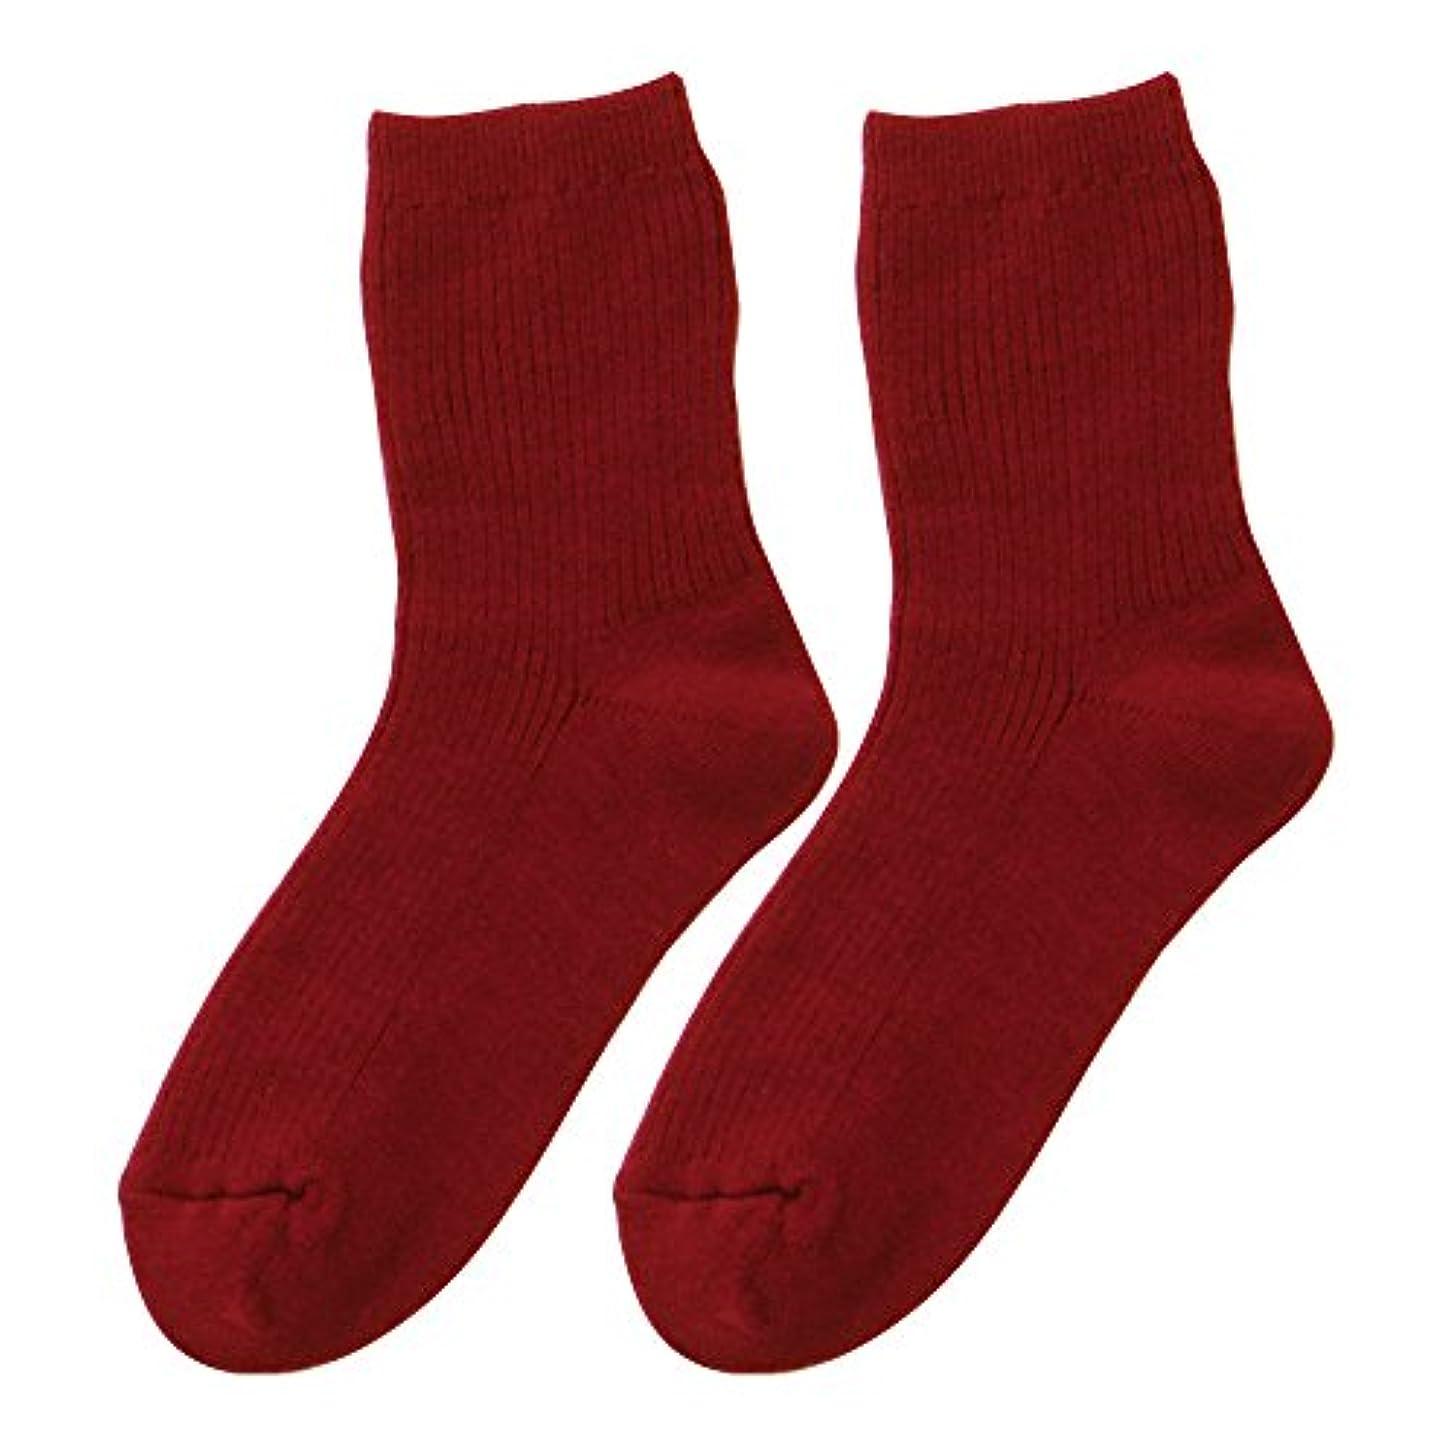 周囲リスナー寸法ひだまり ダブルソックス 婦人用 靴下[22~24cm] エンジ